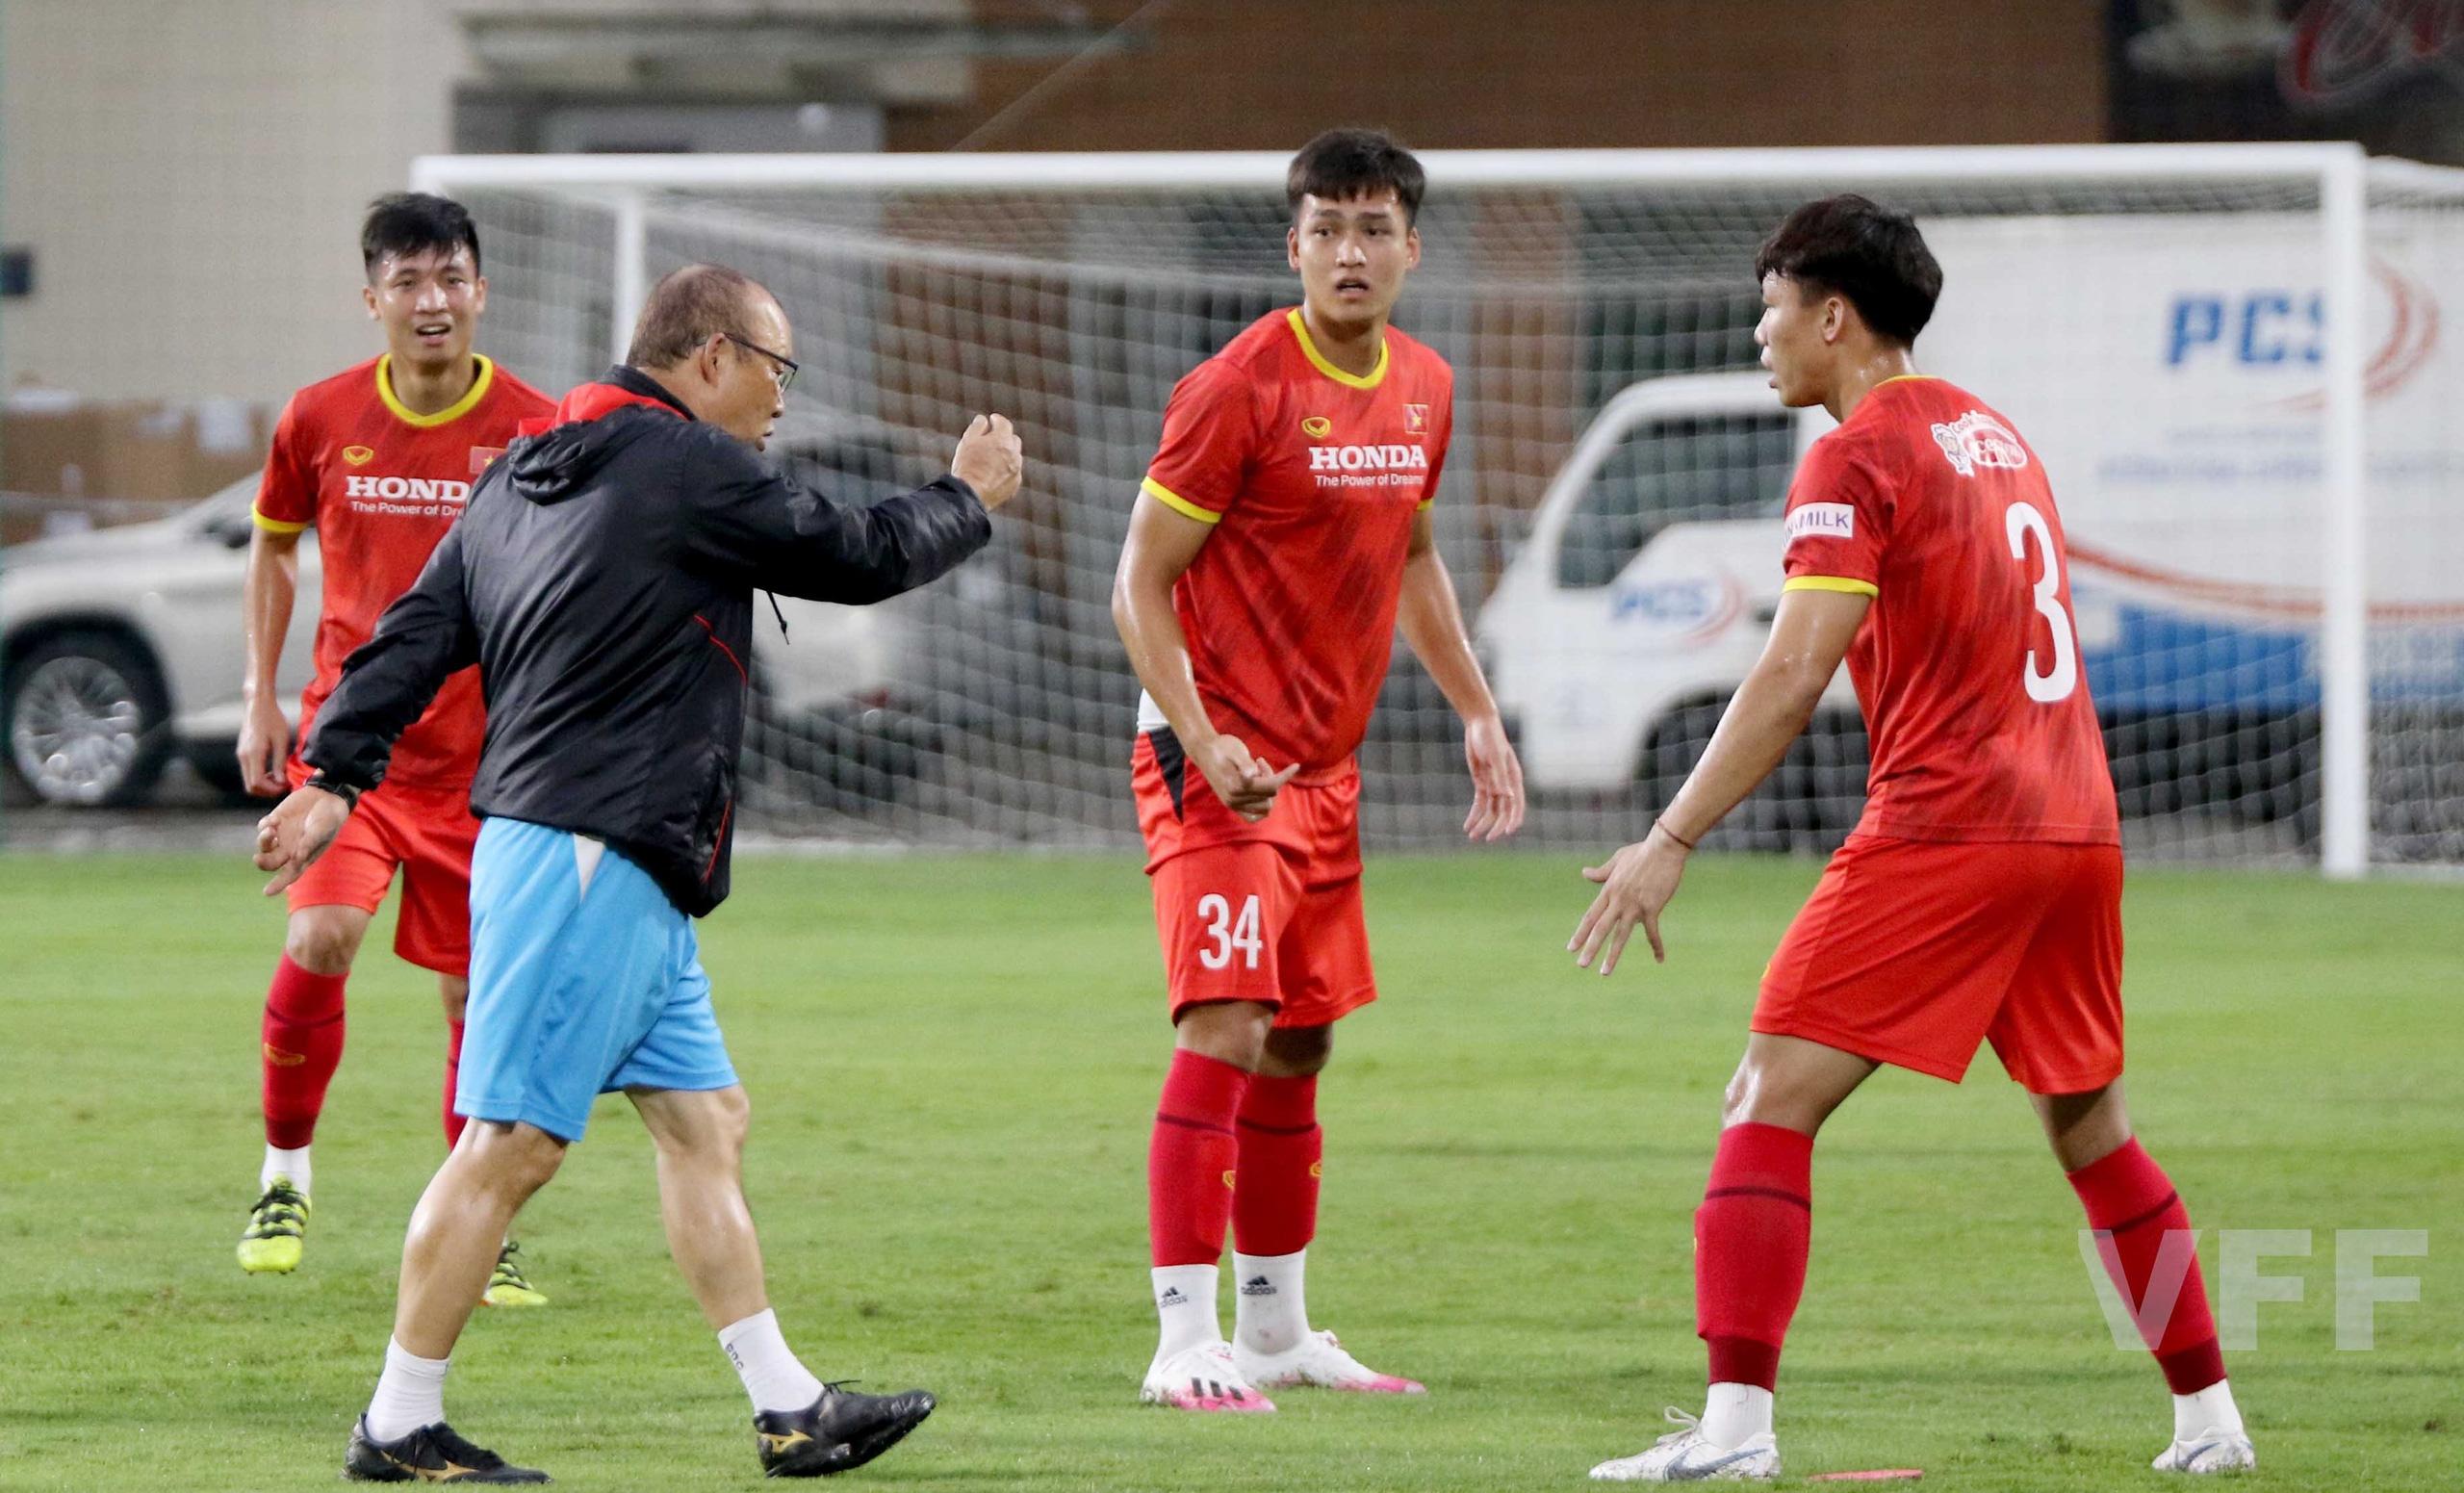 """HLV Park Hang-seo """"làm xiếc"""" với bóng khiến học trò ngỡ ngàng! - Ảnh 5."""